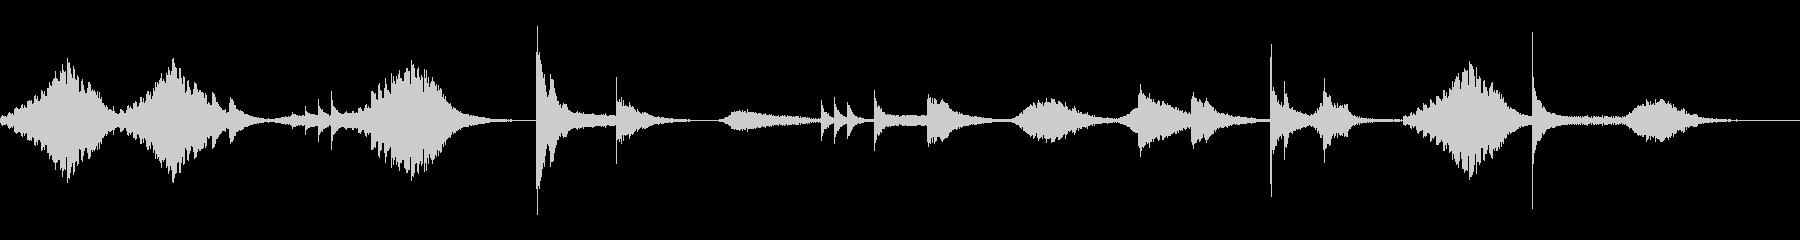 肝試し的恐怖音ひゅ〜ドロドロの未再生の波形